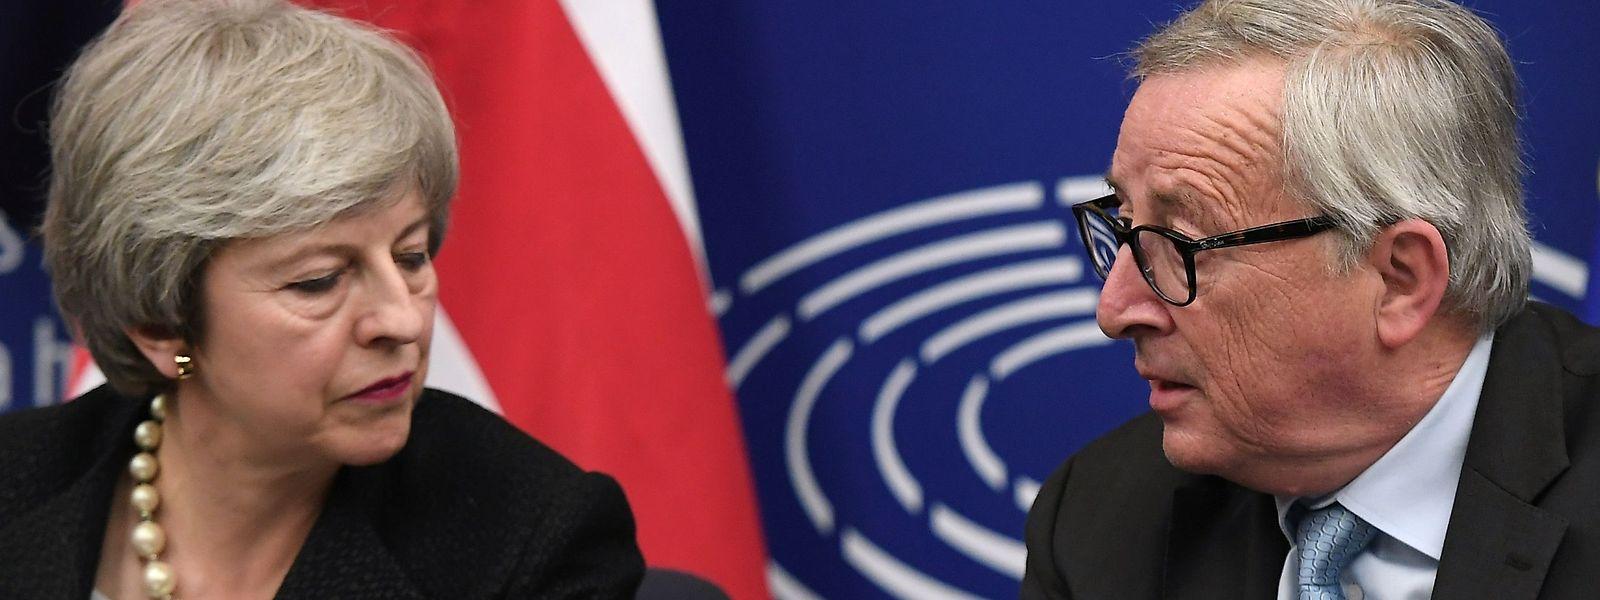 Theresa May und Juncker bei der gemeinsamen Pressekonferenz.